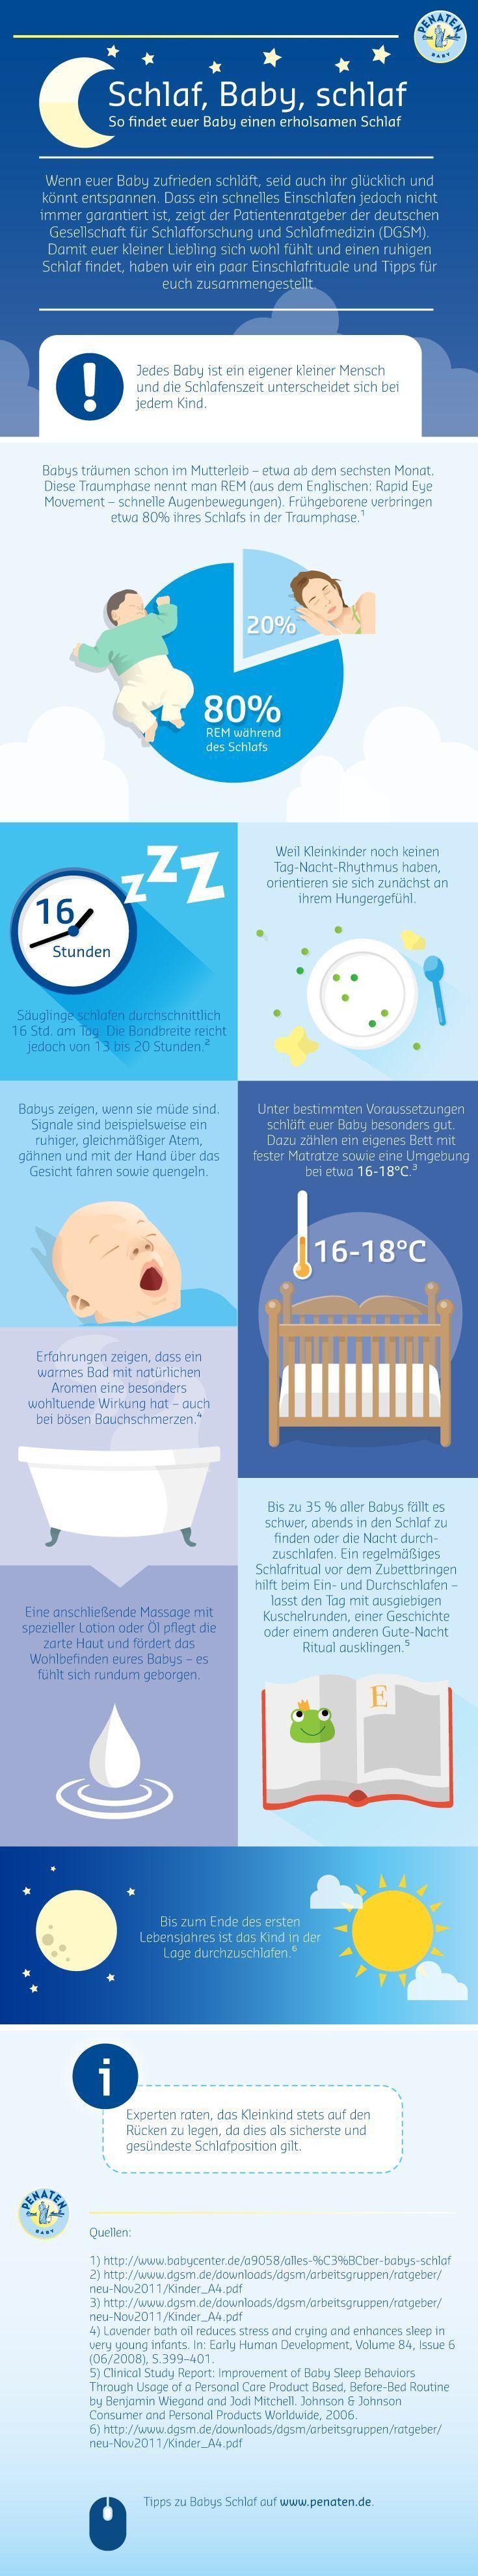 Wenn euer Baby zufrieden schläft, seid auch ihr glücklich und könnt entspannen. Hier haben wir ein paar Einschlafrituale und Tipps für euch und eure Kleinen zusammengestellt. #Penaten #BabysSchlaf #Babycare #�ber110JahreErfahrung